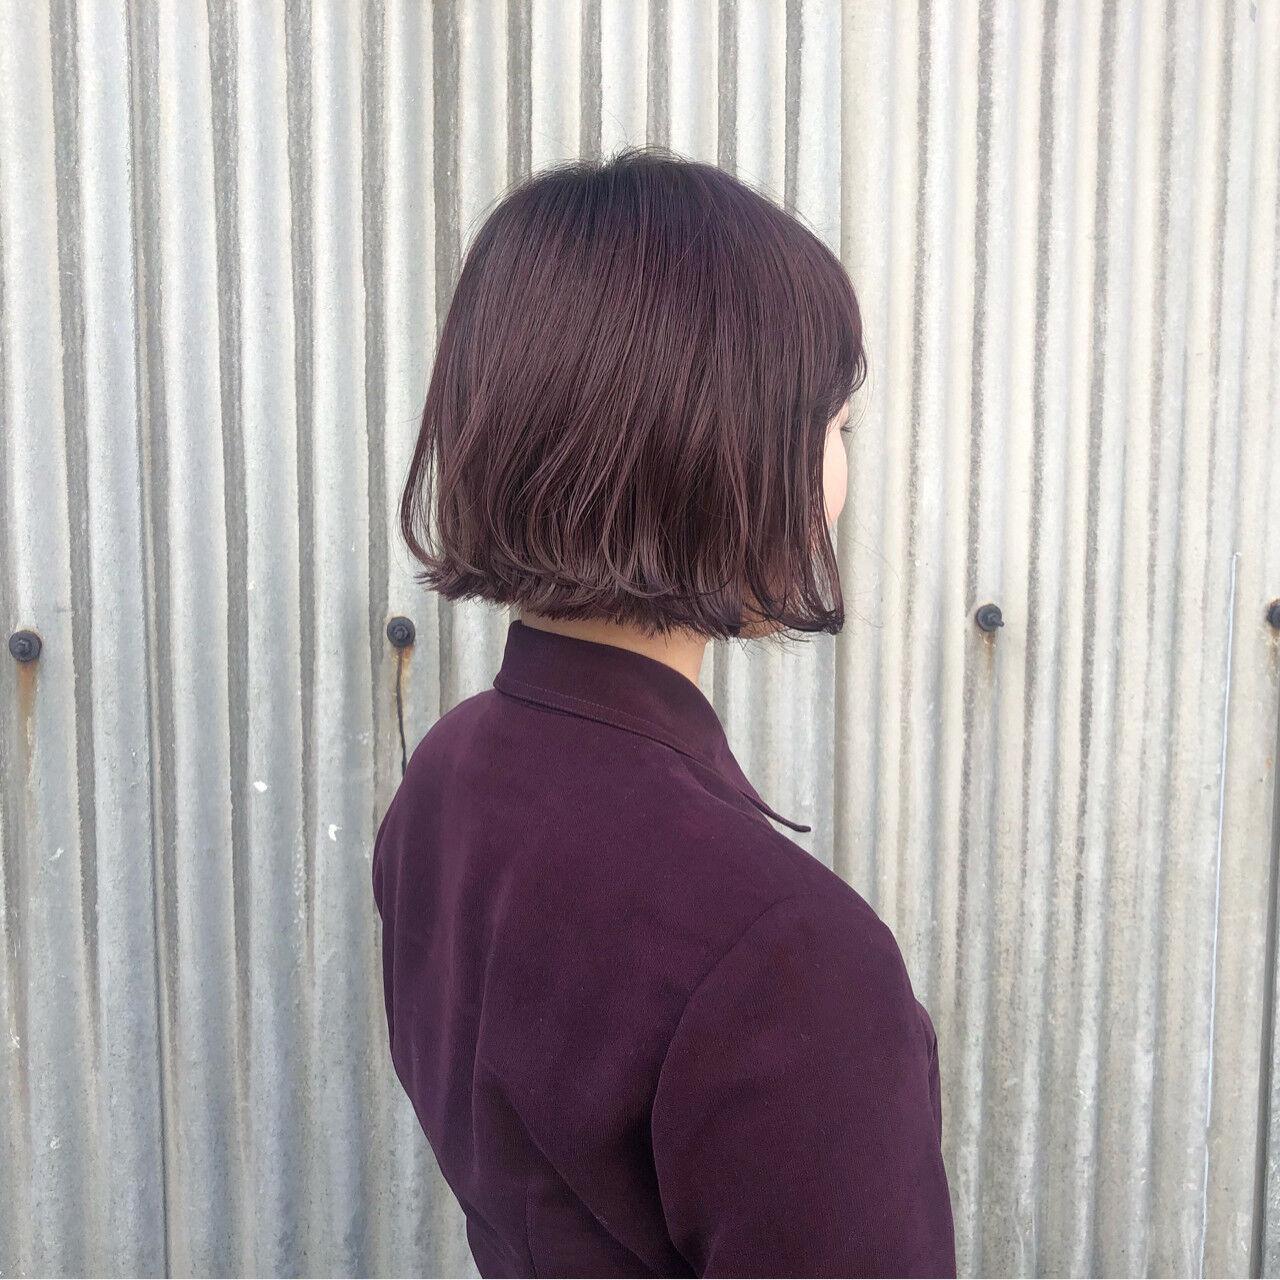 ボルドー ボブ ガーリー パープルヘアスタイルや髪型の写真・画像